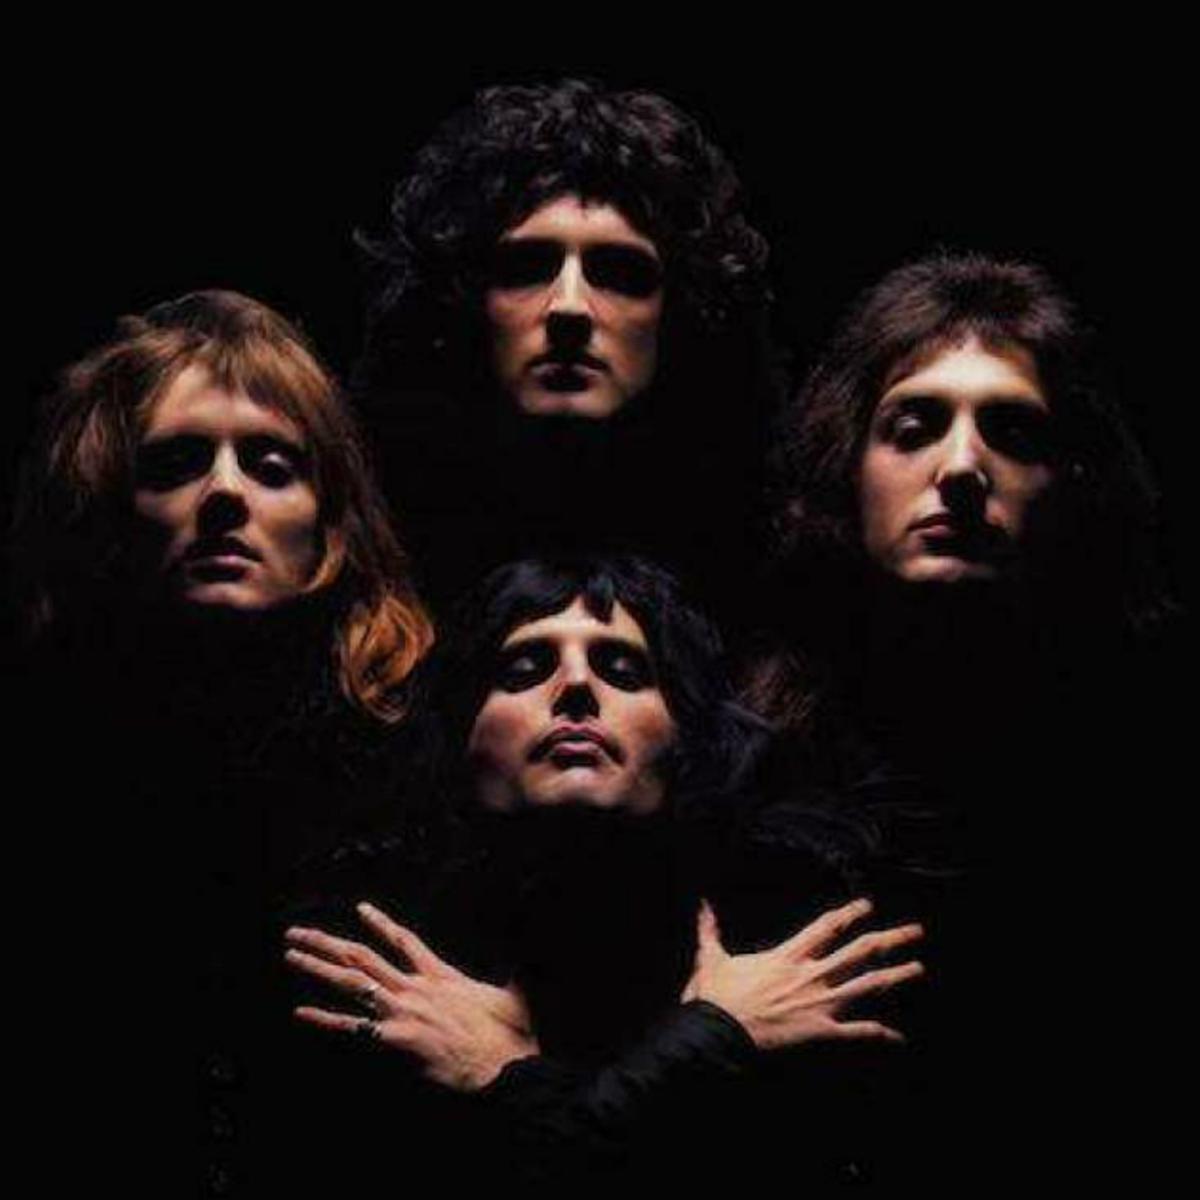 A imagem, retirada do clipe de Bohemian Rhapsody, possui um fundo totalmente preto. Com roupas também pretas vemos iluminados apenas os rostos dos integrantes. Da esquerda para a direita se encontram Roger Taylor, Brian May e John Deacon, a frente deles está Freddie Mercury com os braços cruzados no formato de x em direção aos ombros.